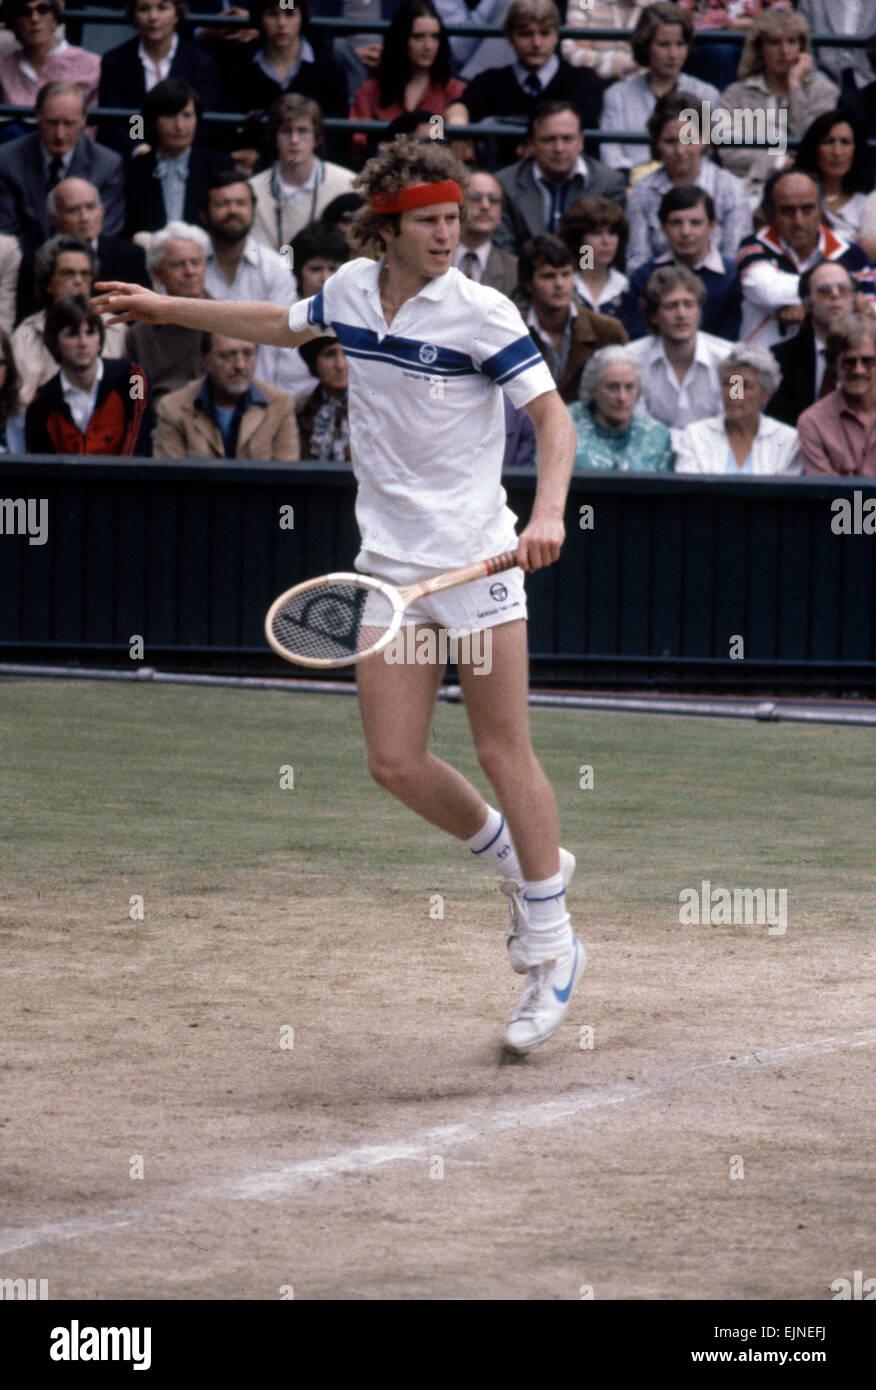 Wimbledon Final 1981 John McEnroe v Bjorn Borg 4th July 1981